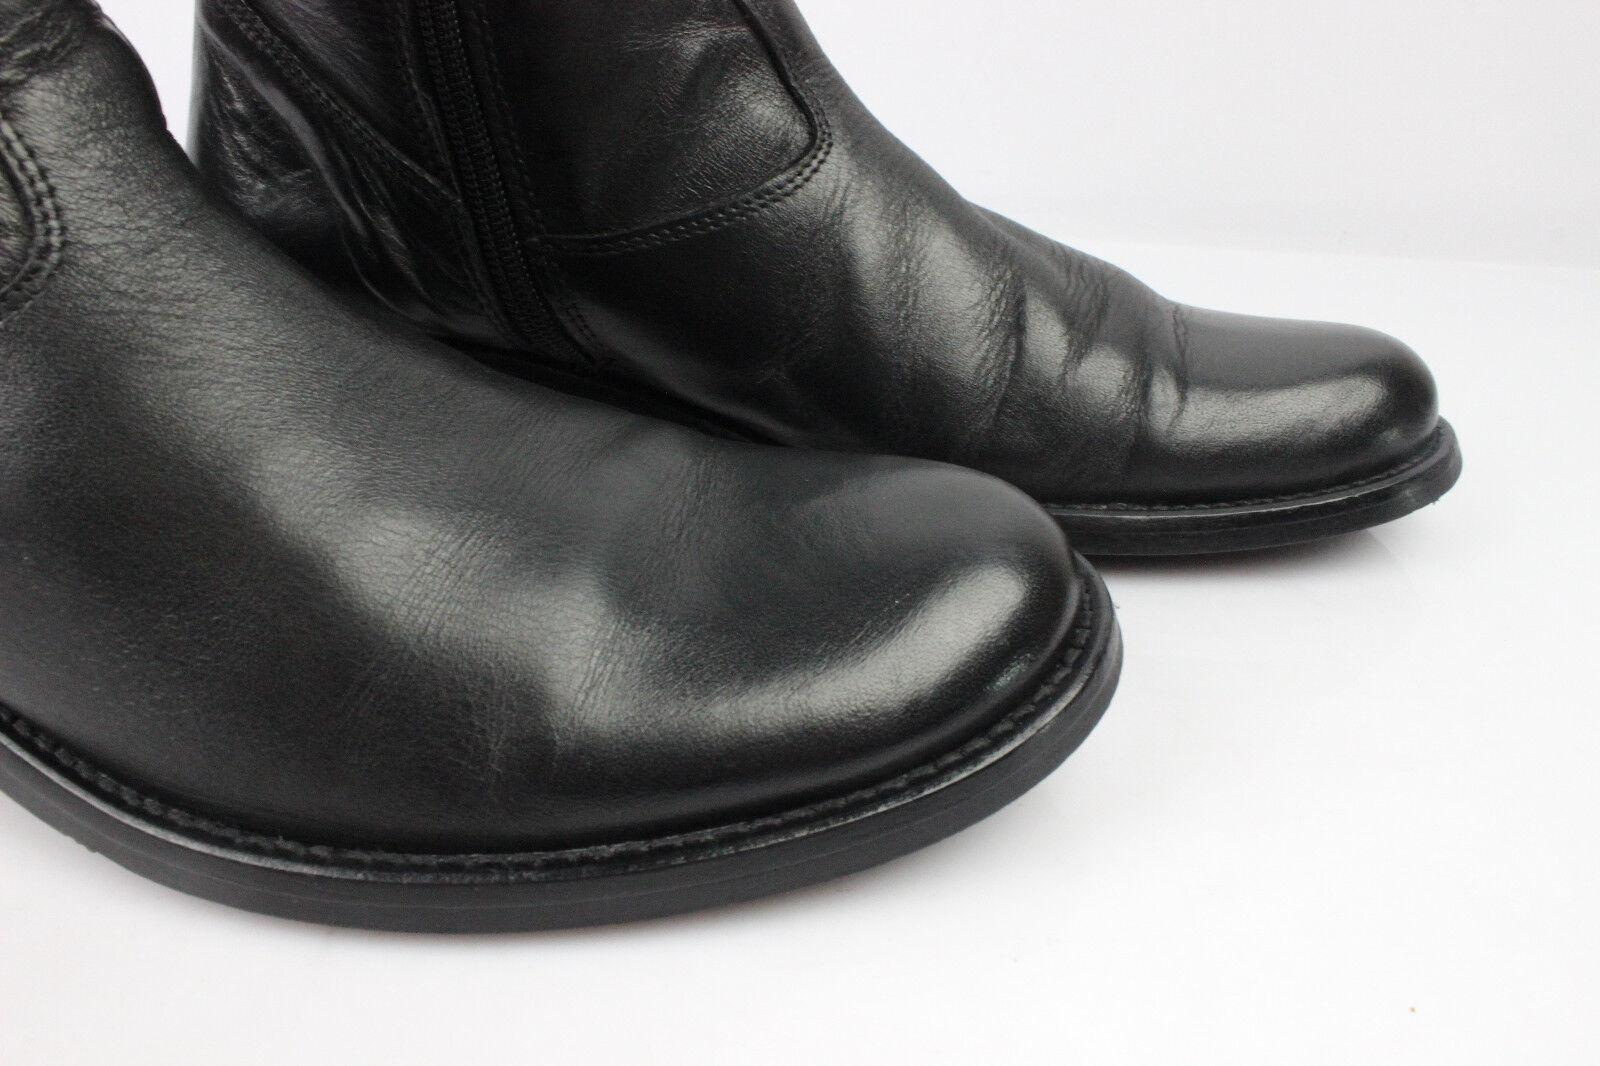 Stiefel t SALAMANDER France schwarzes Leder t Stiefel 36 sehr guter Zustand 8325ab